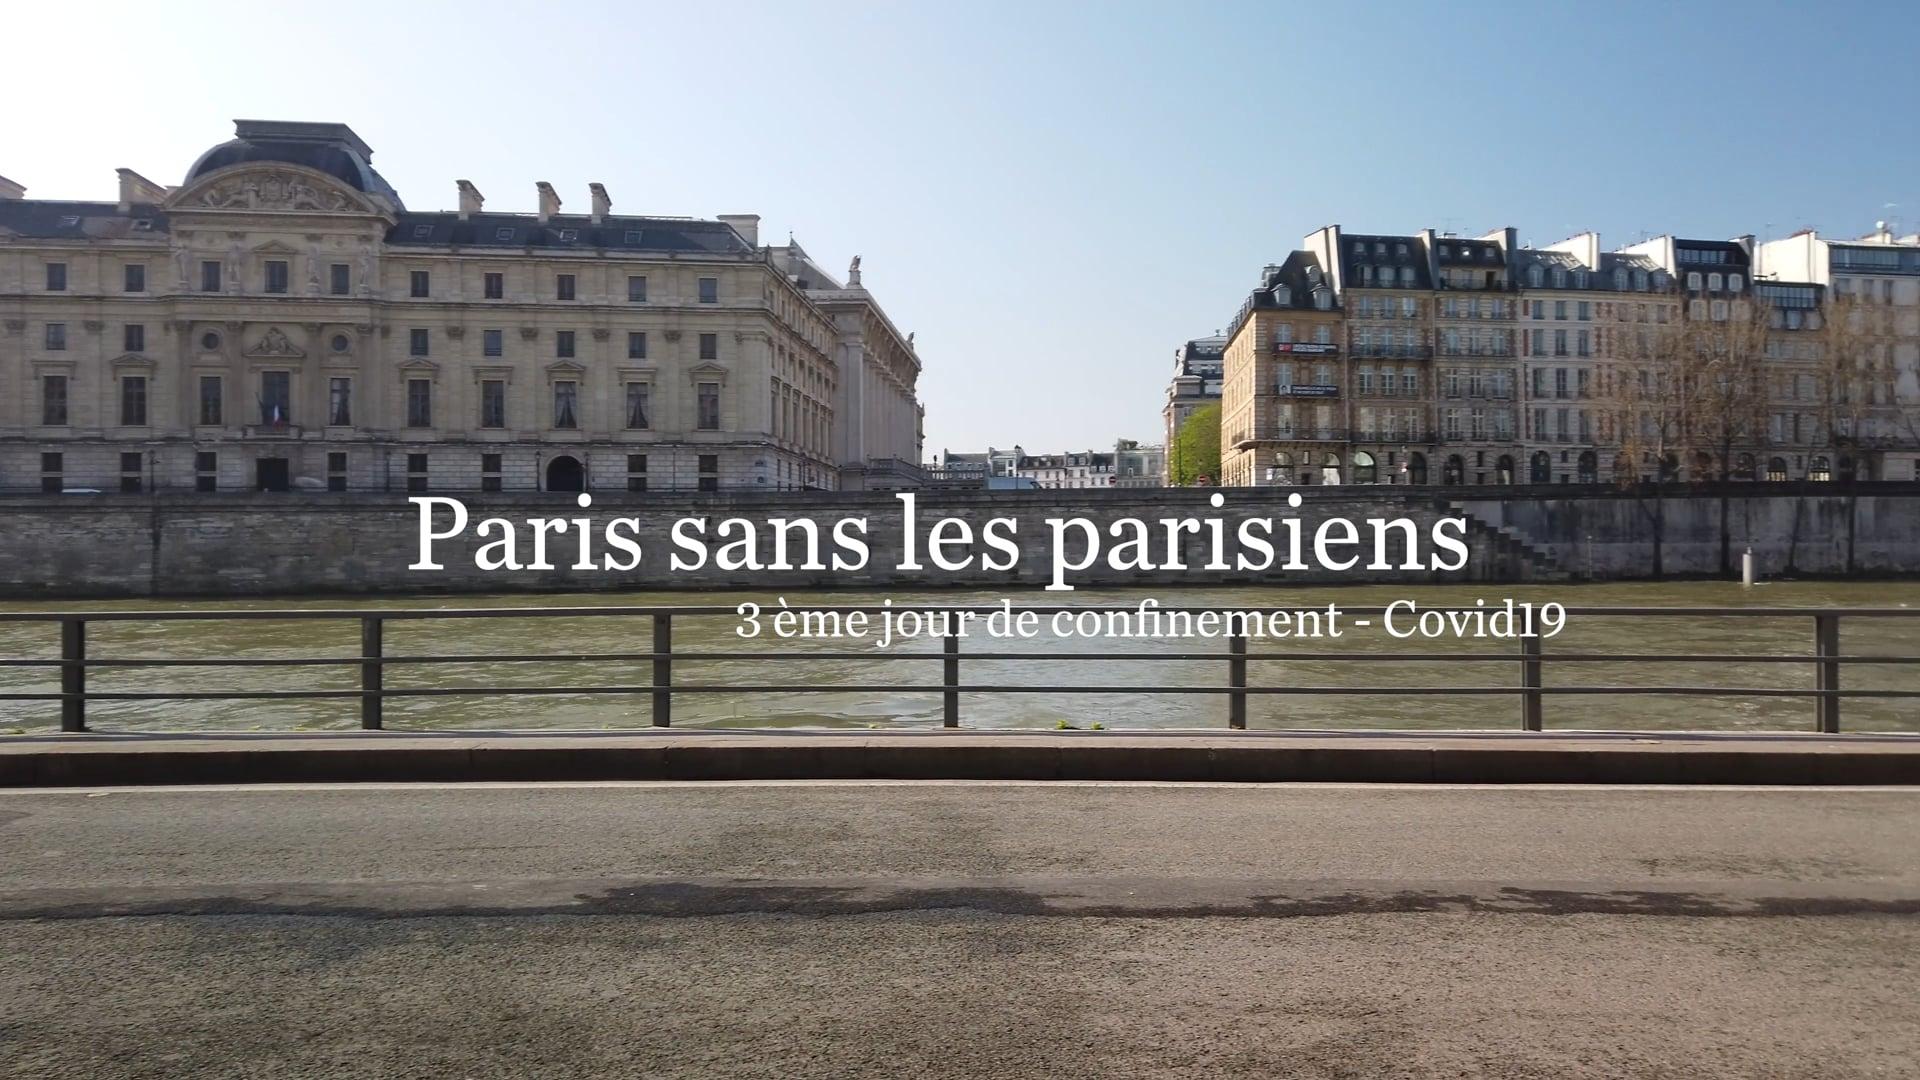 Paris sans parisiens. Prèmiere semaine de confinement COVID-19